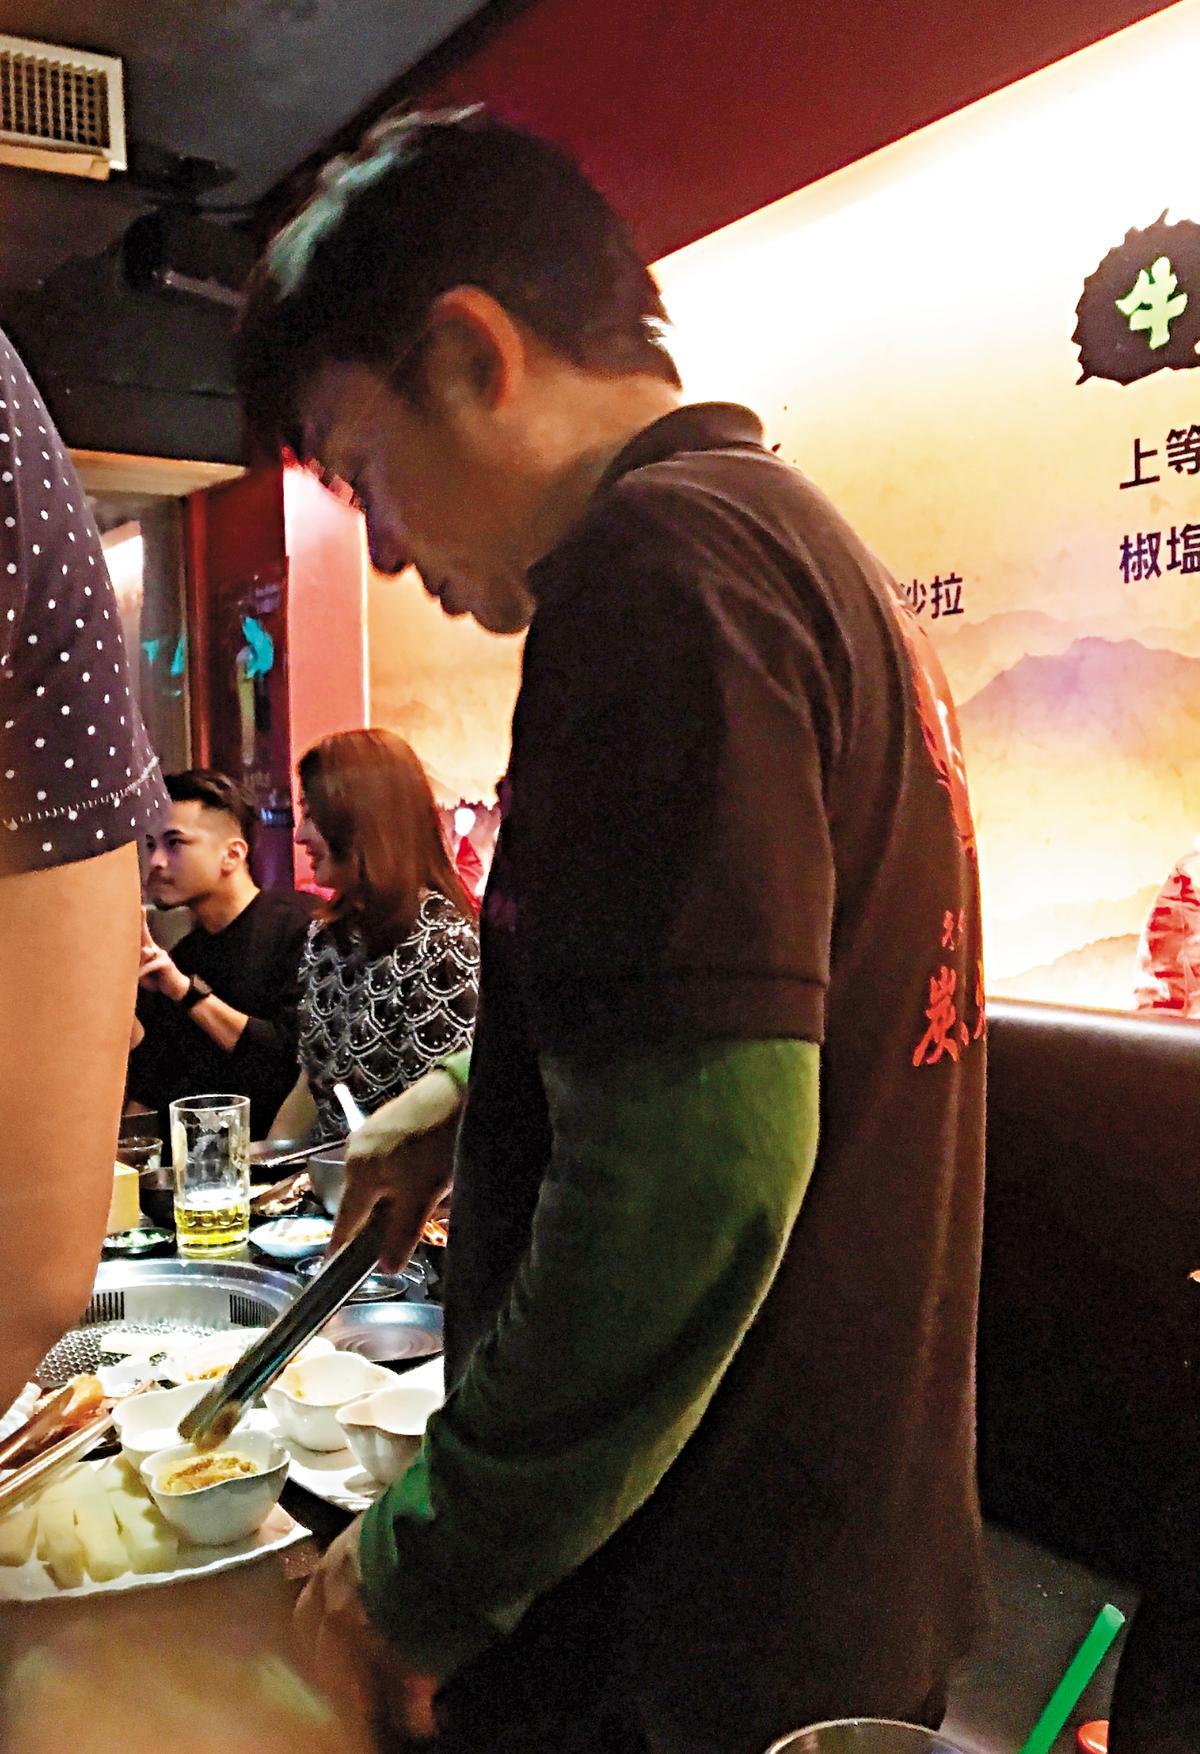 昔日民歌手江明學在燒肉店打工,為客人細心料理食材。(讀者提供)